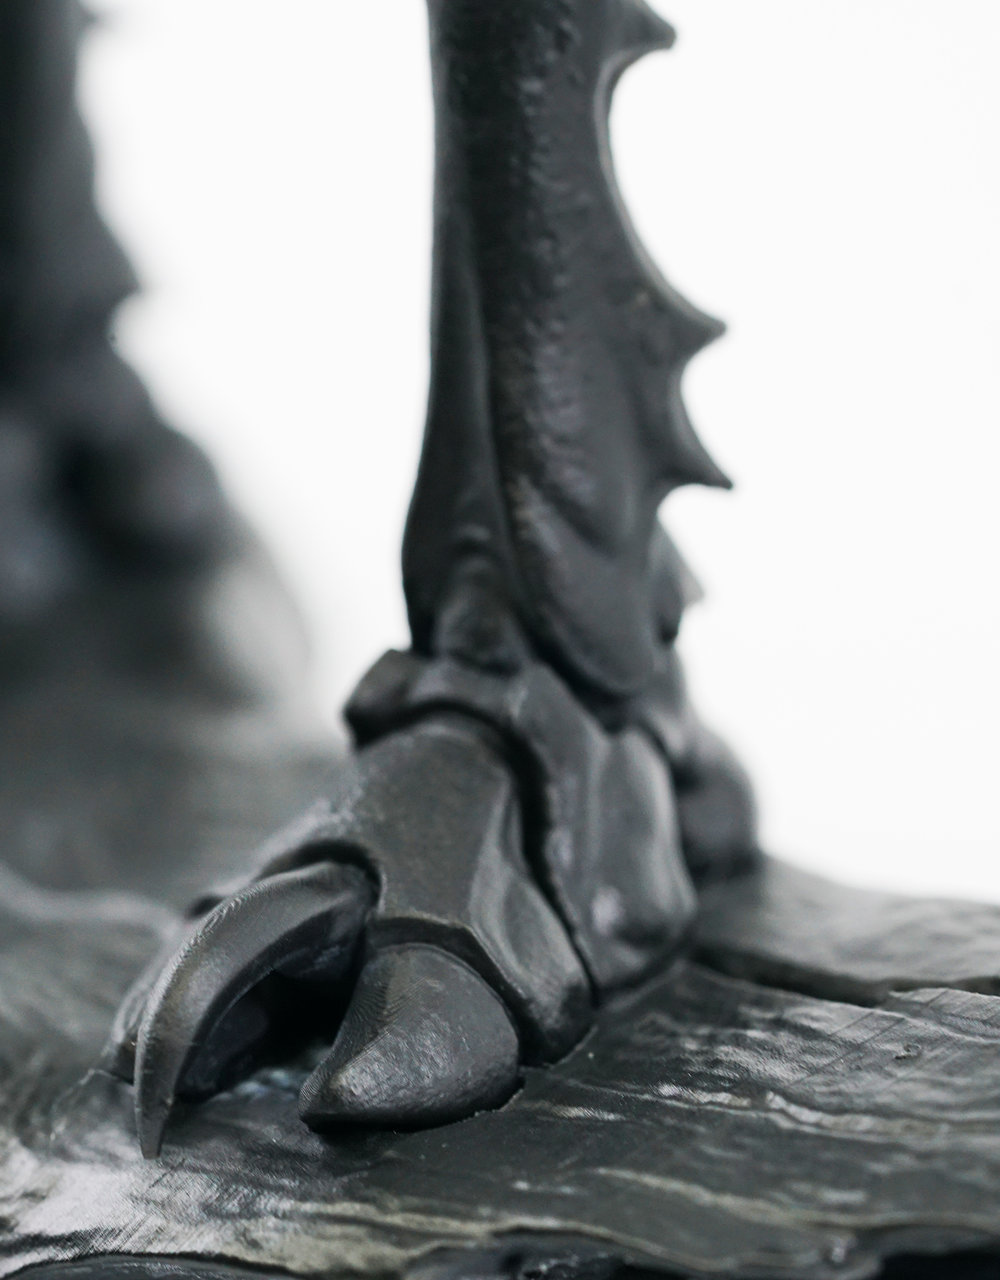 foot_001.jpg